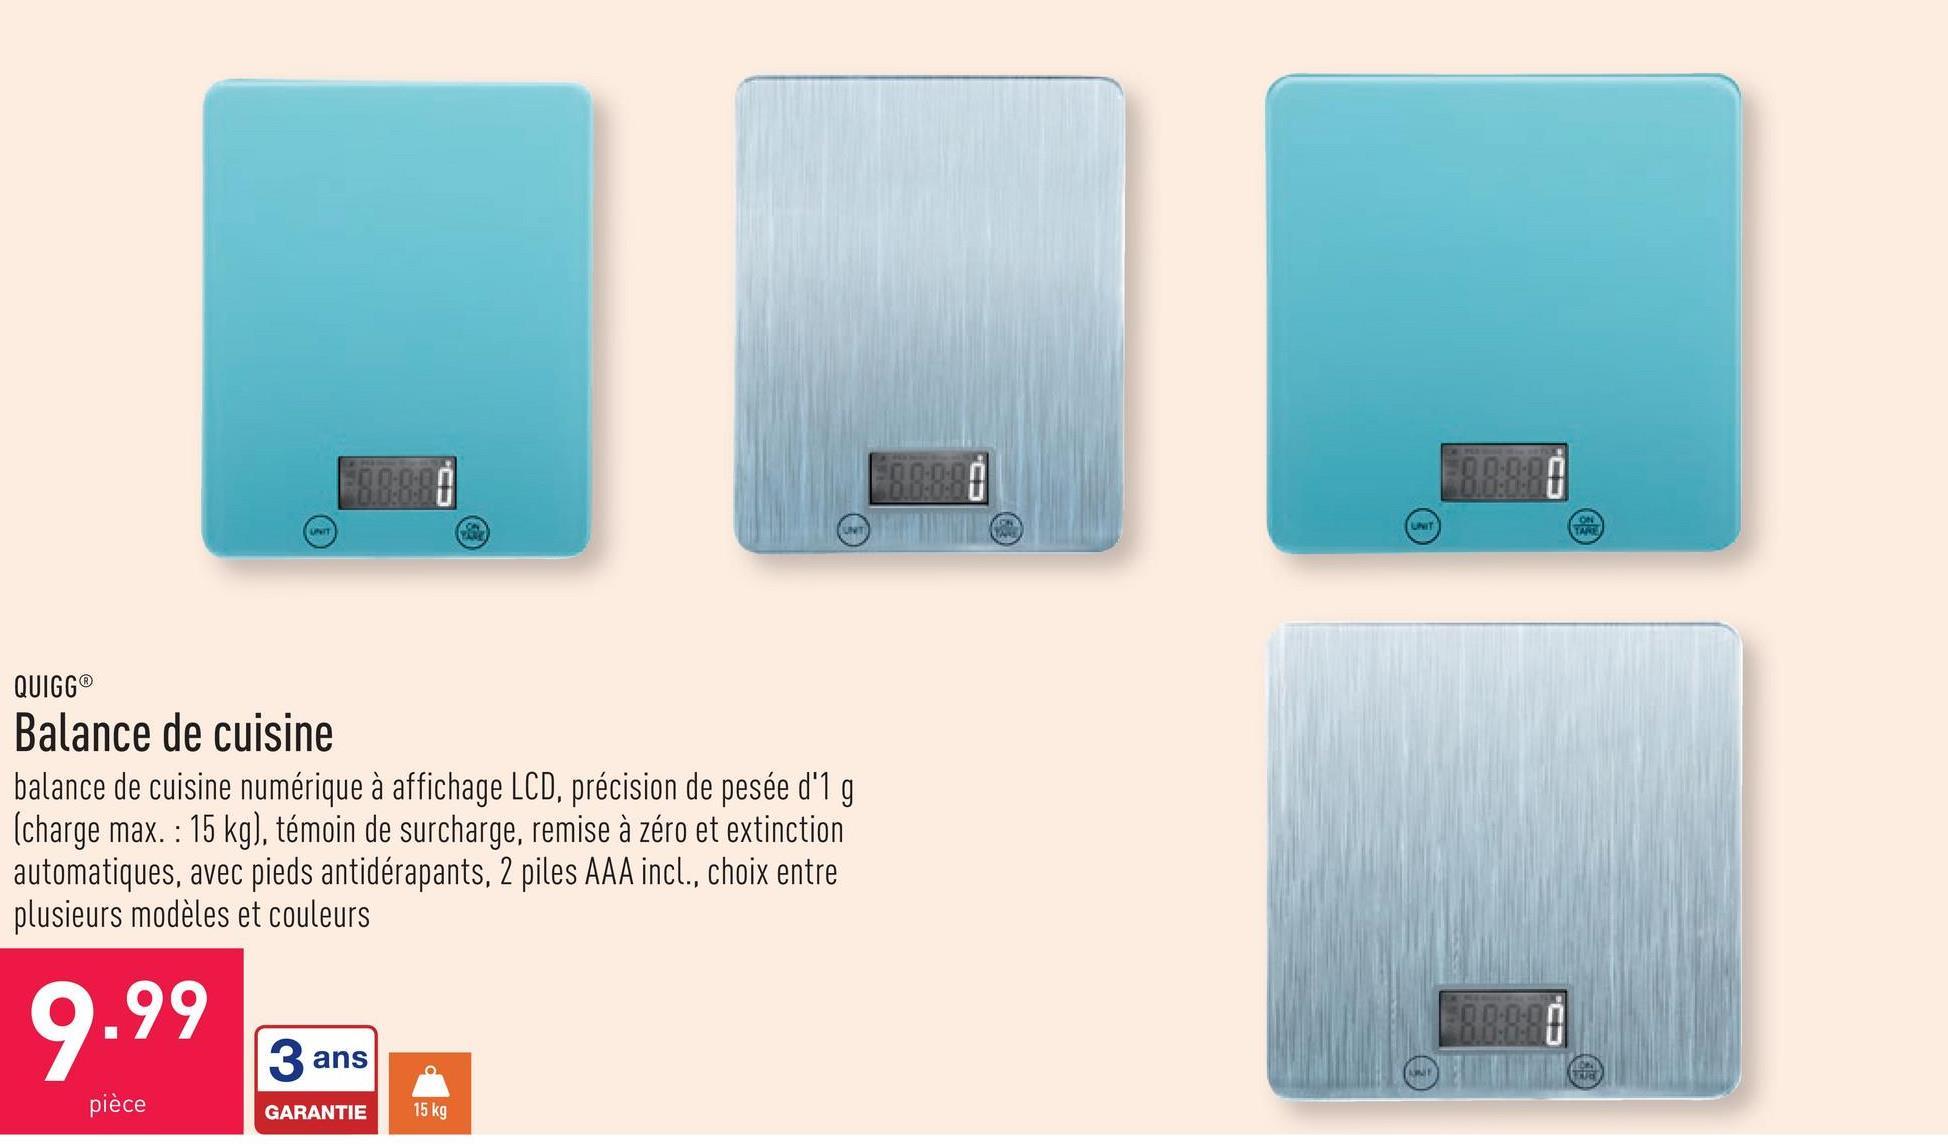 Balance de cuisine balance de cuisine numérique à affichage LCD, précision de pesée d'1 g (charge max. : 15 kg), témoin de surcharge, remise à zéro et extinction automatiques, avec pieds antidérapants, 2 piles AAA incl., choix entre plusieurs modèles et couleurs